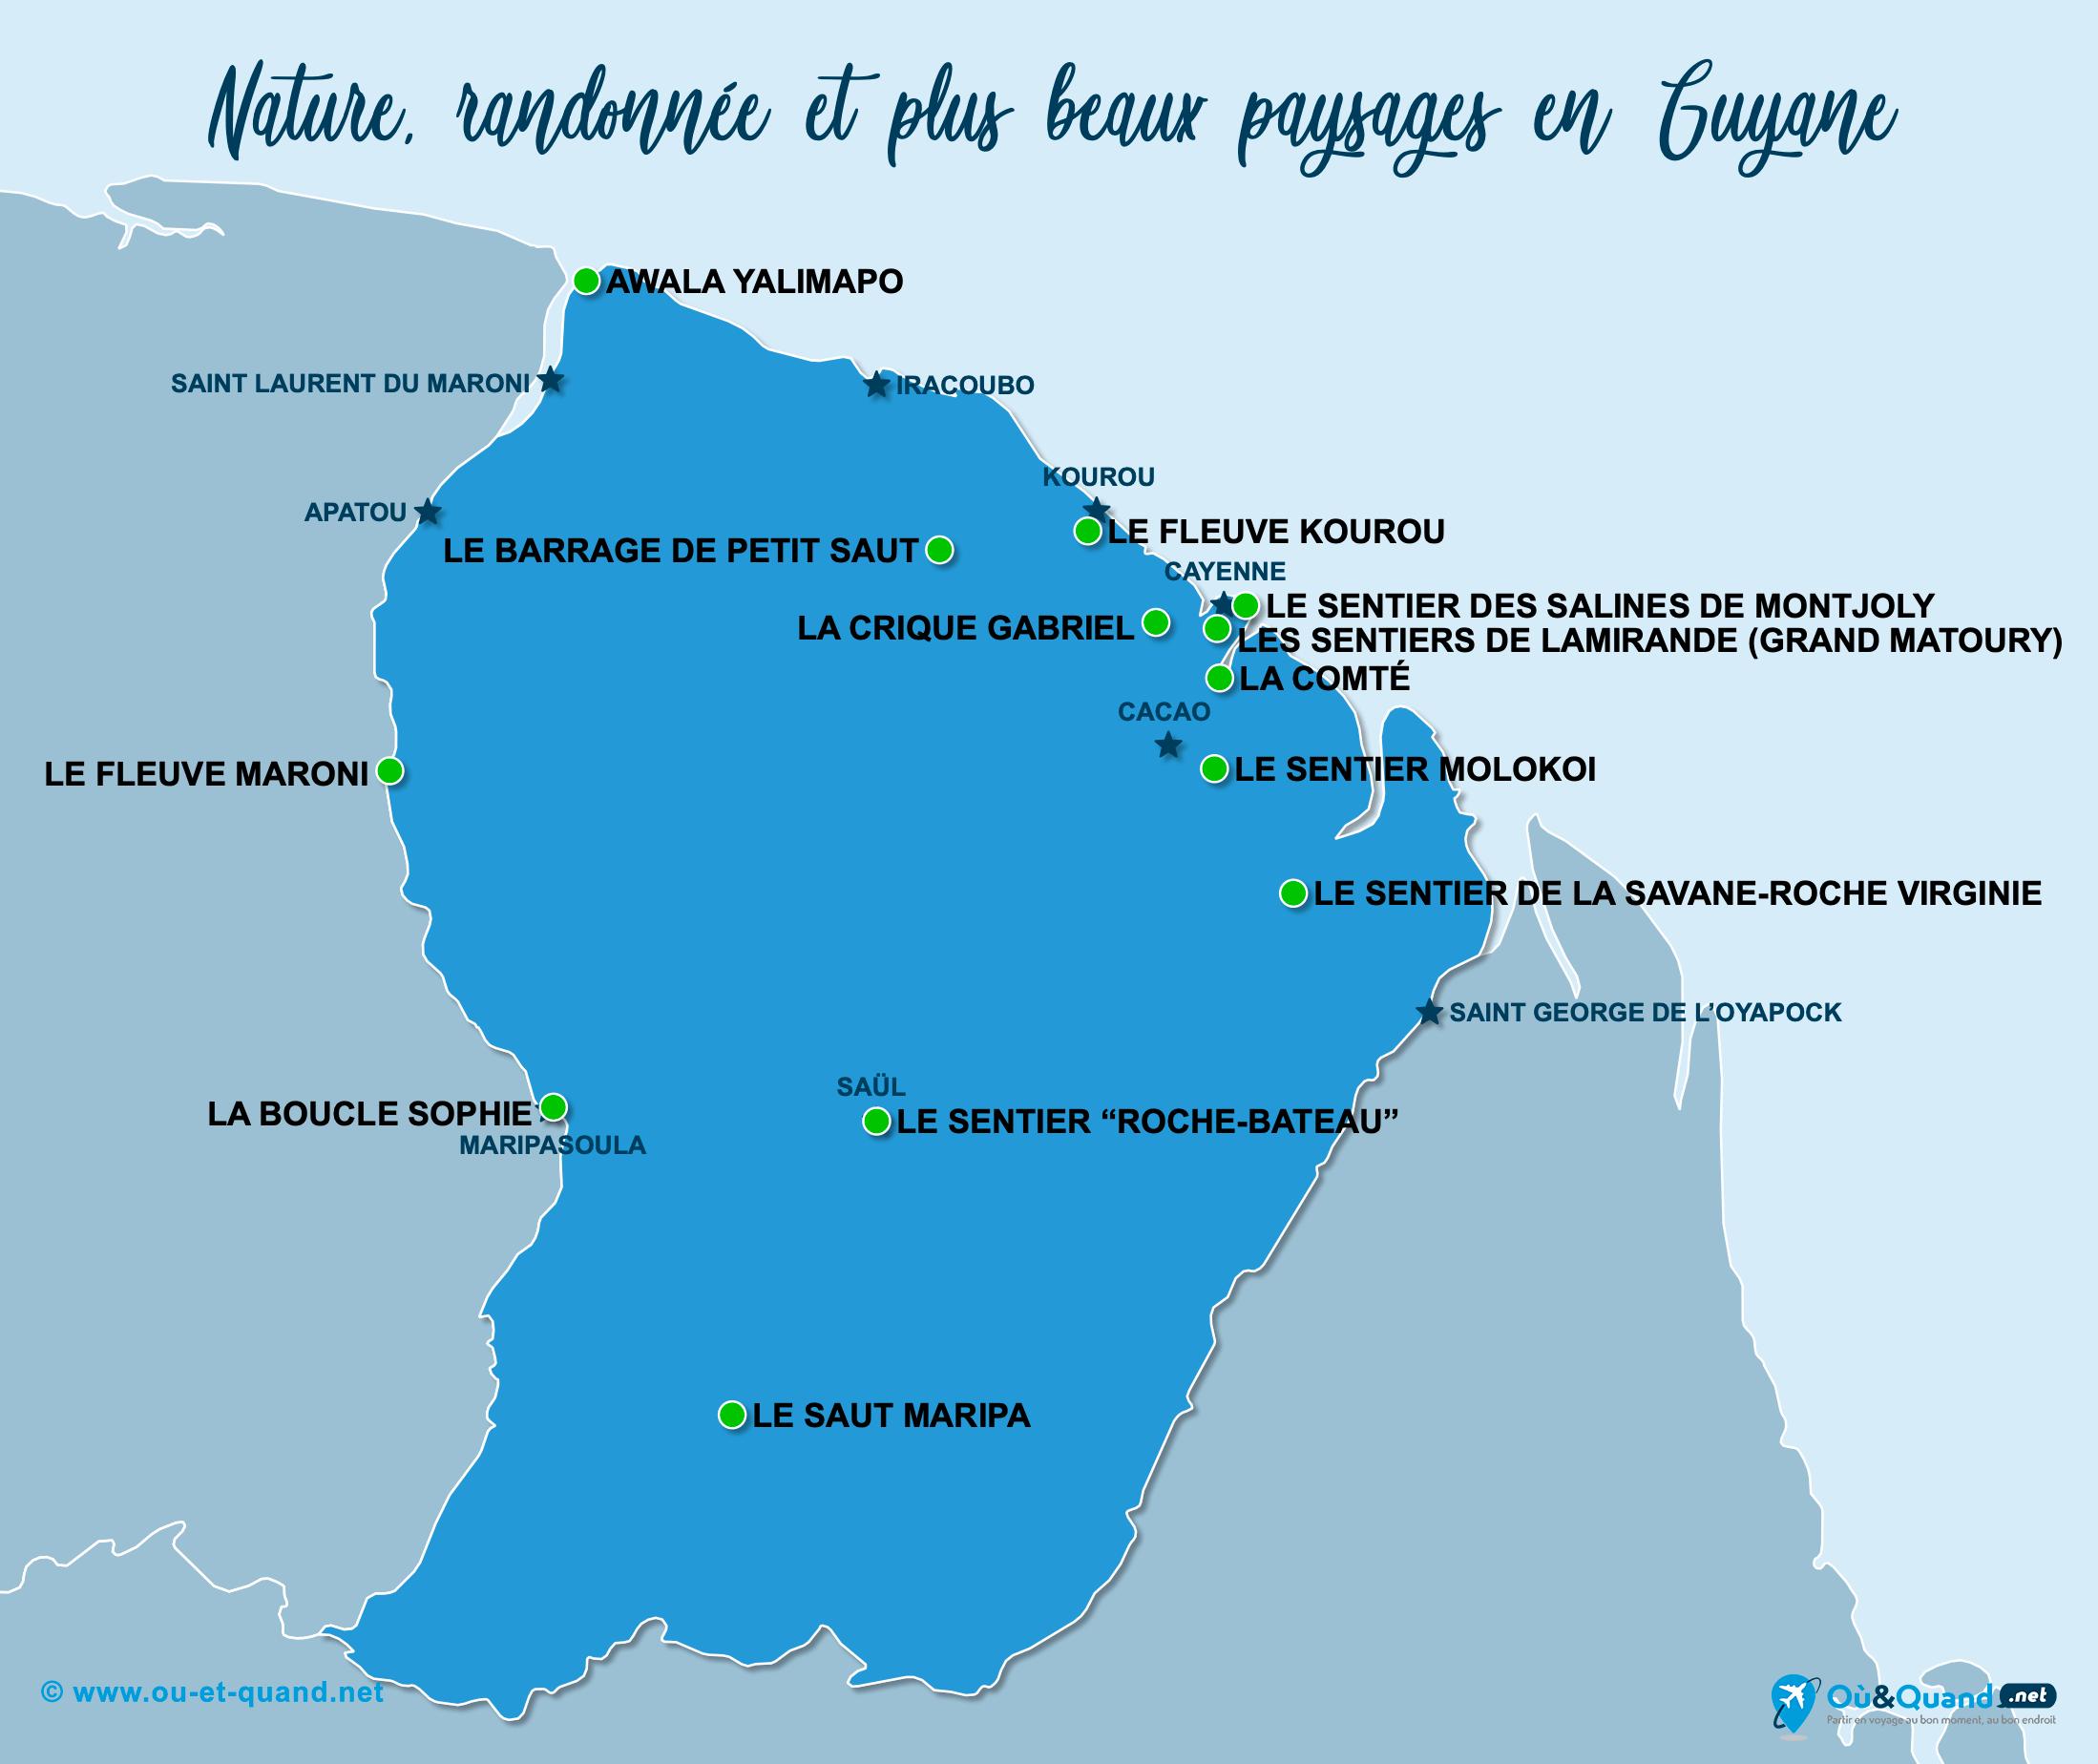 Carte Guyane Française : Les plus beaux paysages de la Guyane